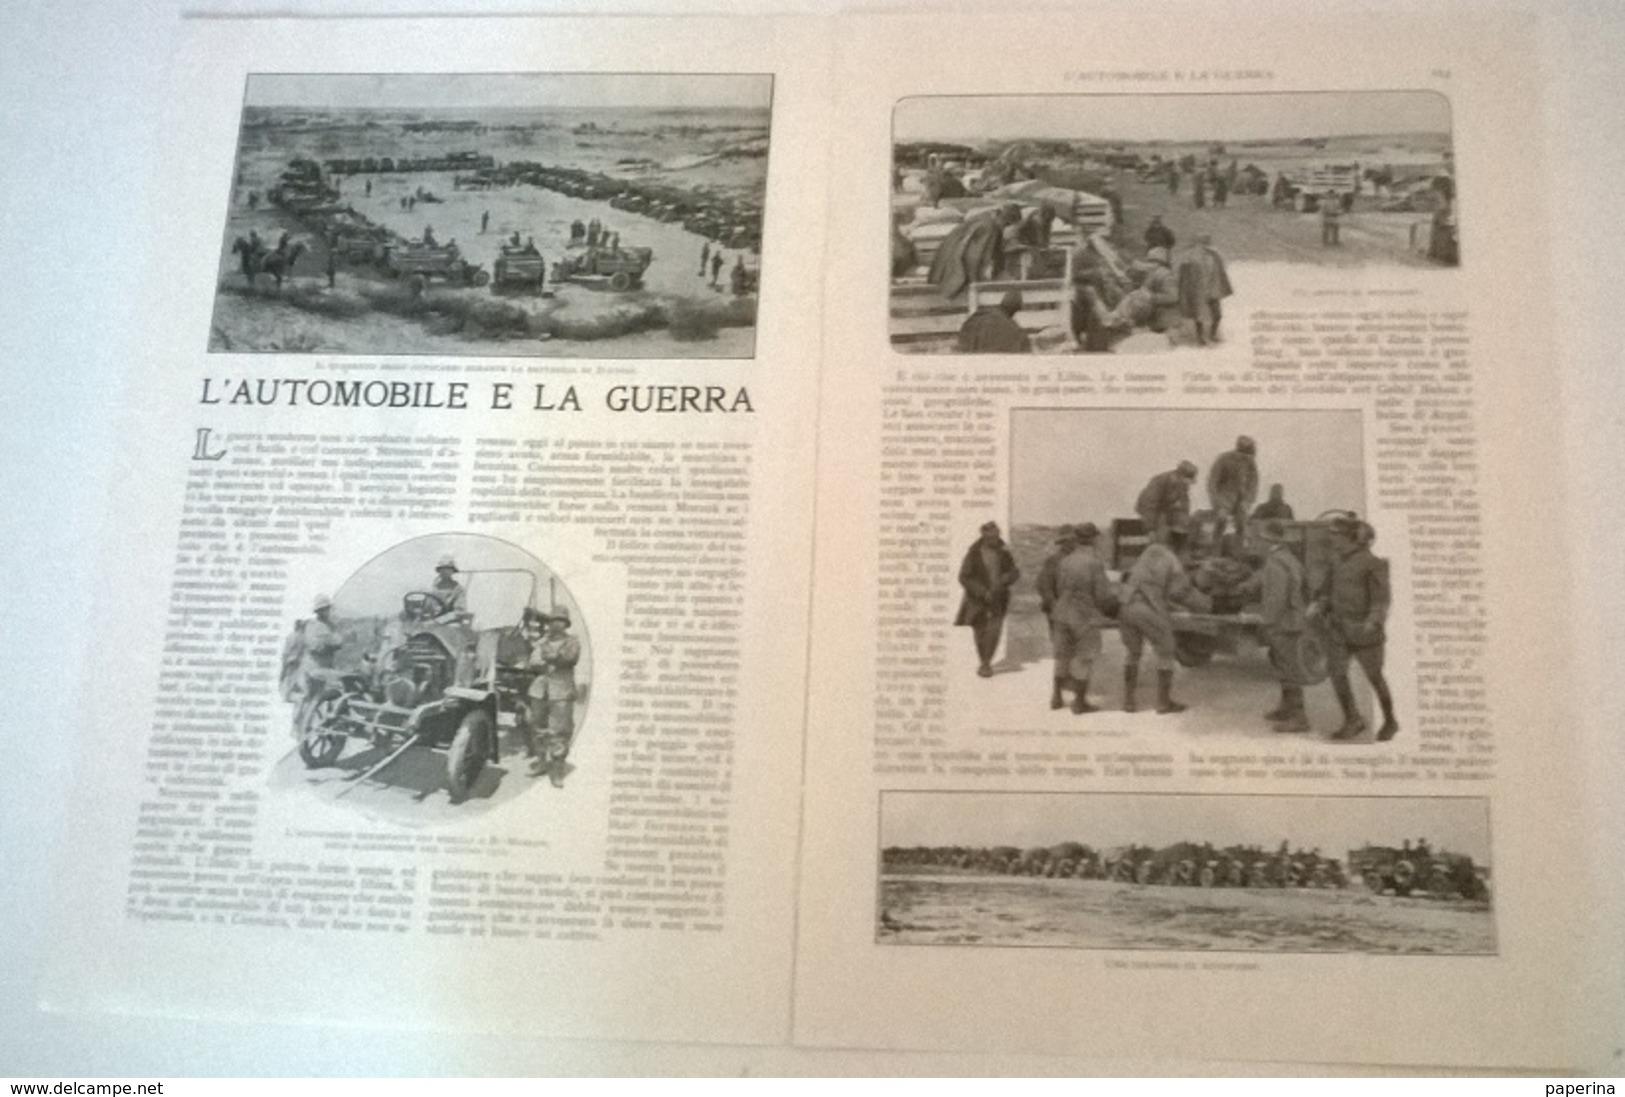 L'AUTOMOBILE E LA GUERRA - U. TEGANI 1914 ART. RITAGLIATO DA GIORNALE - Autres